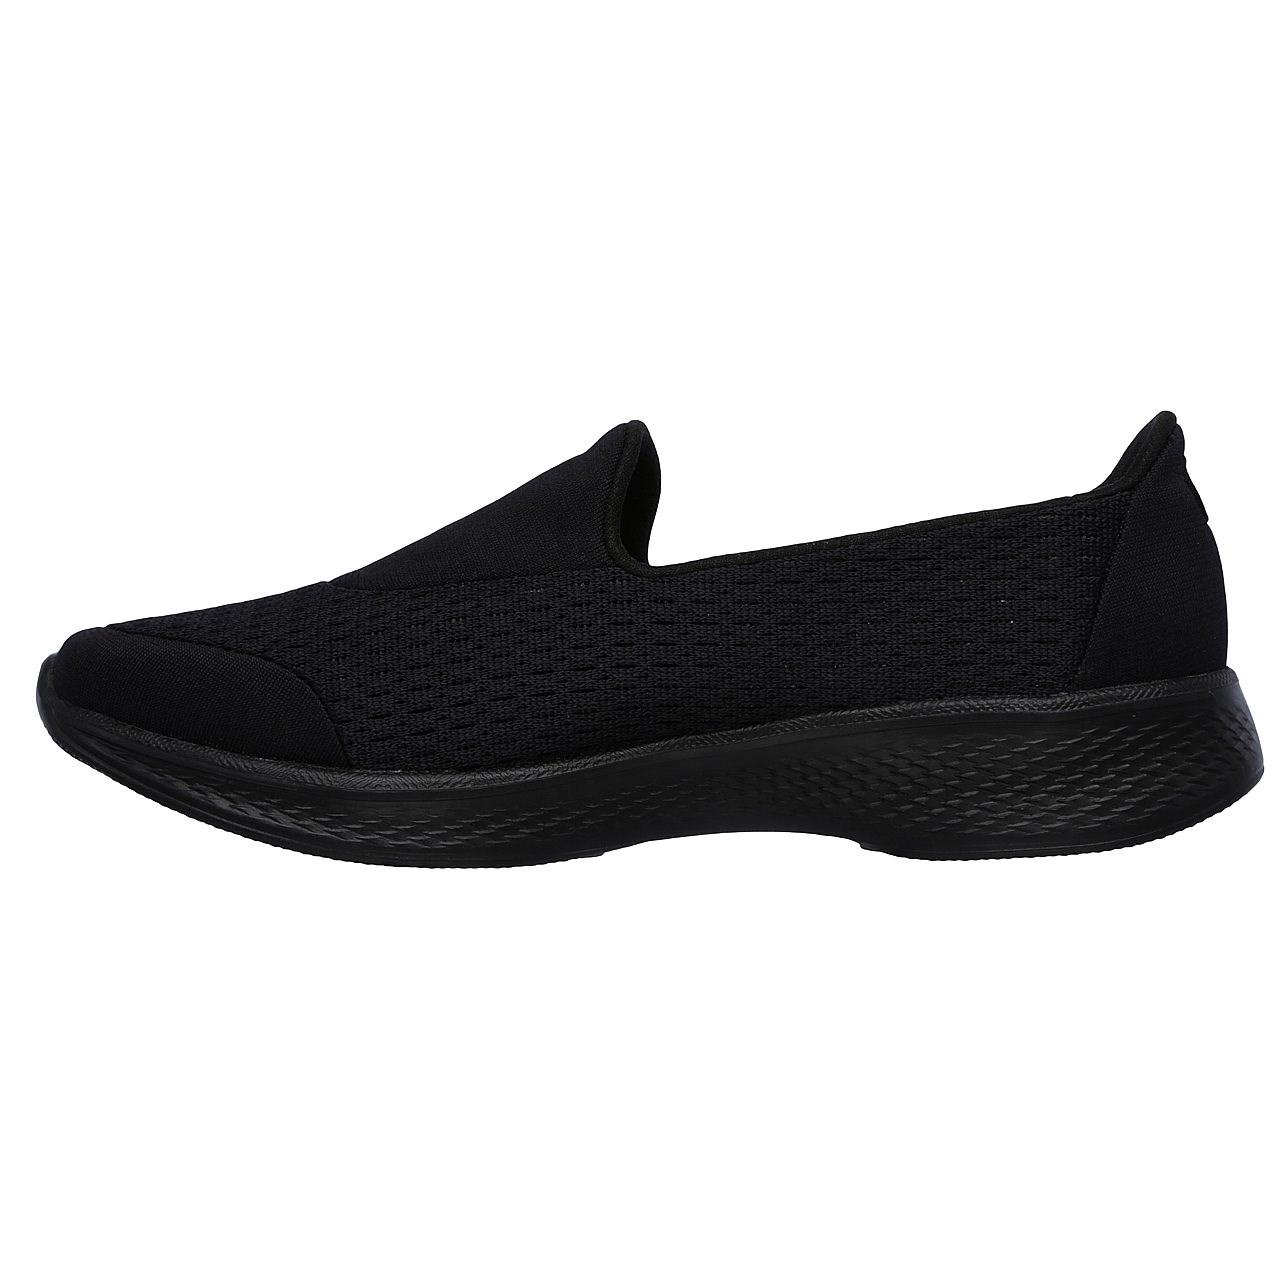 خرید کفش راحتی زنانه اسکچرز مدل 14148BBK